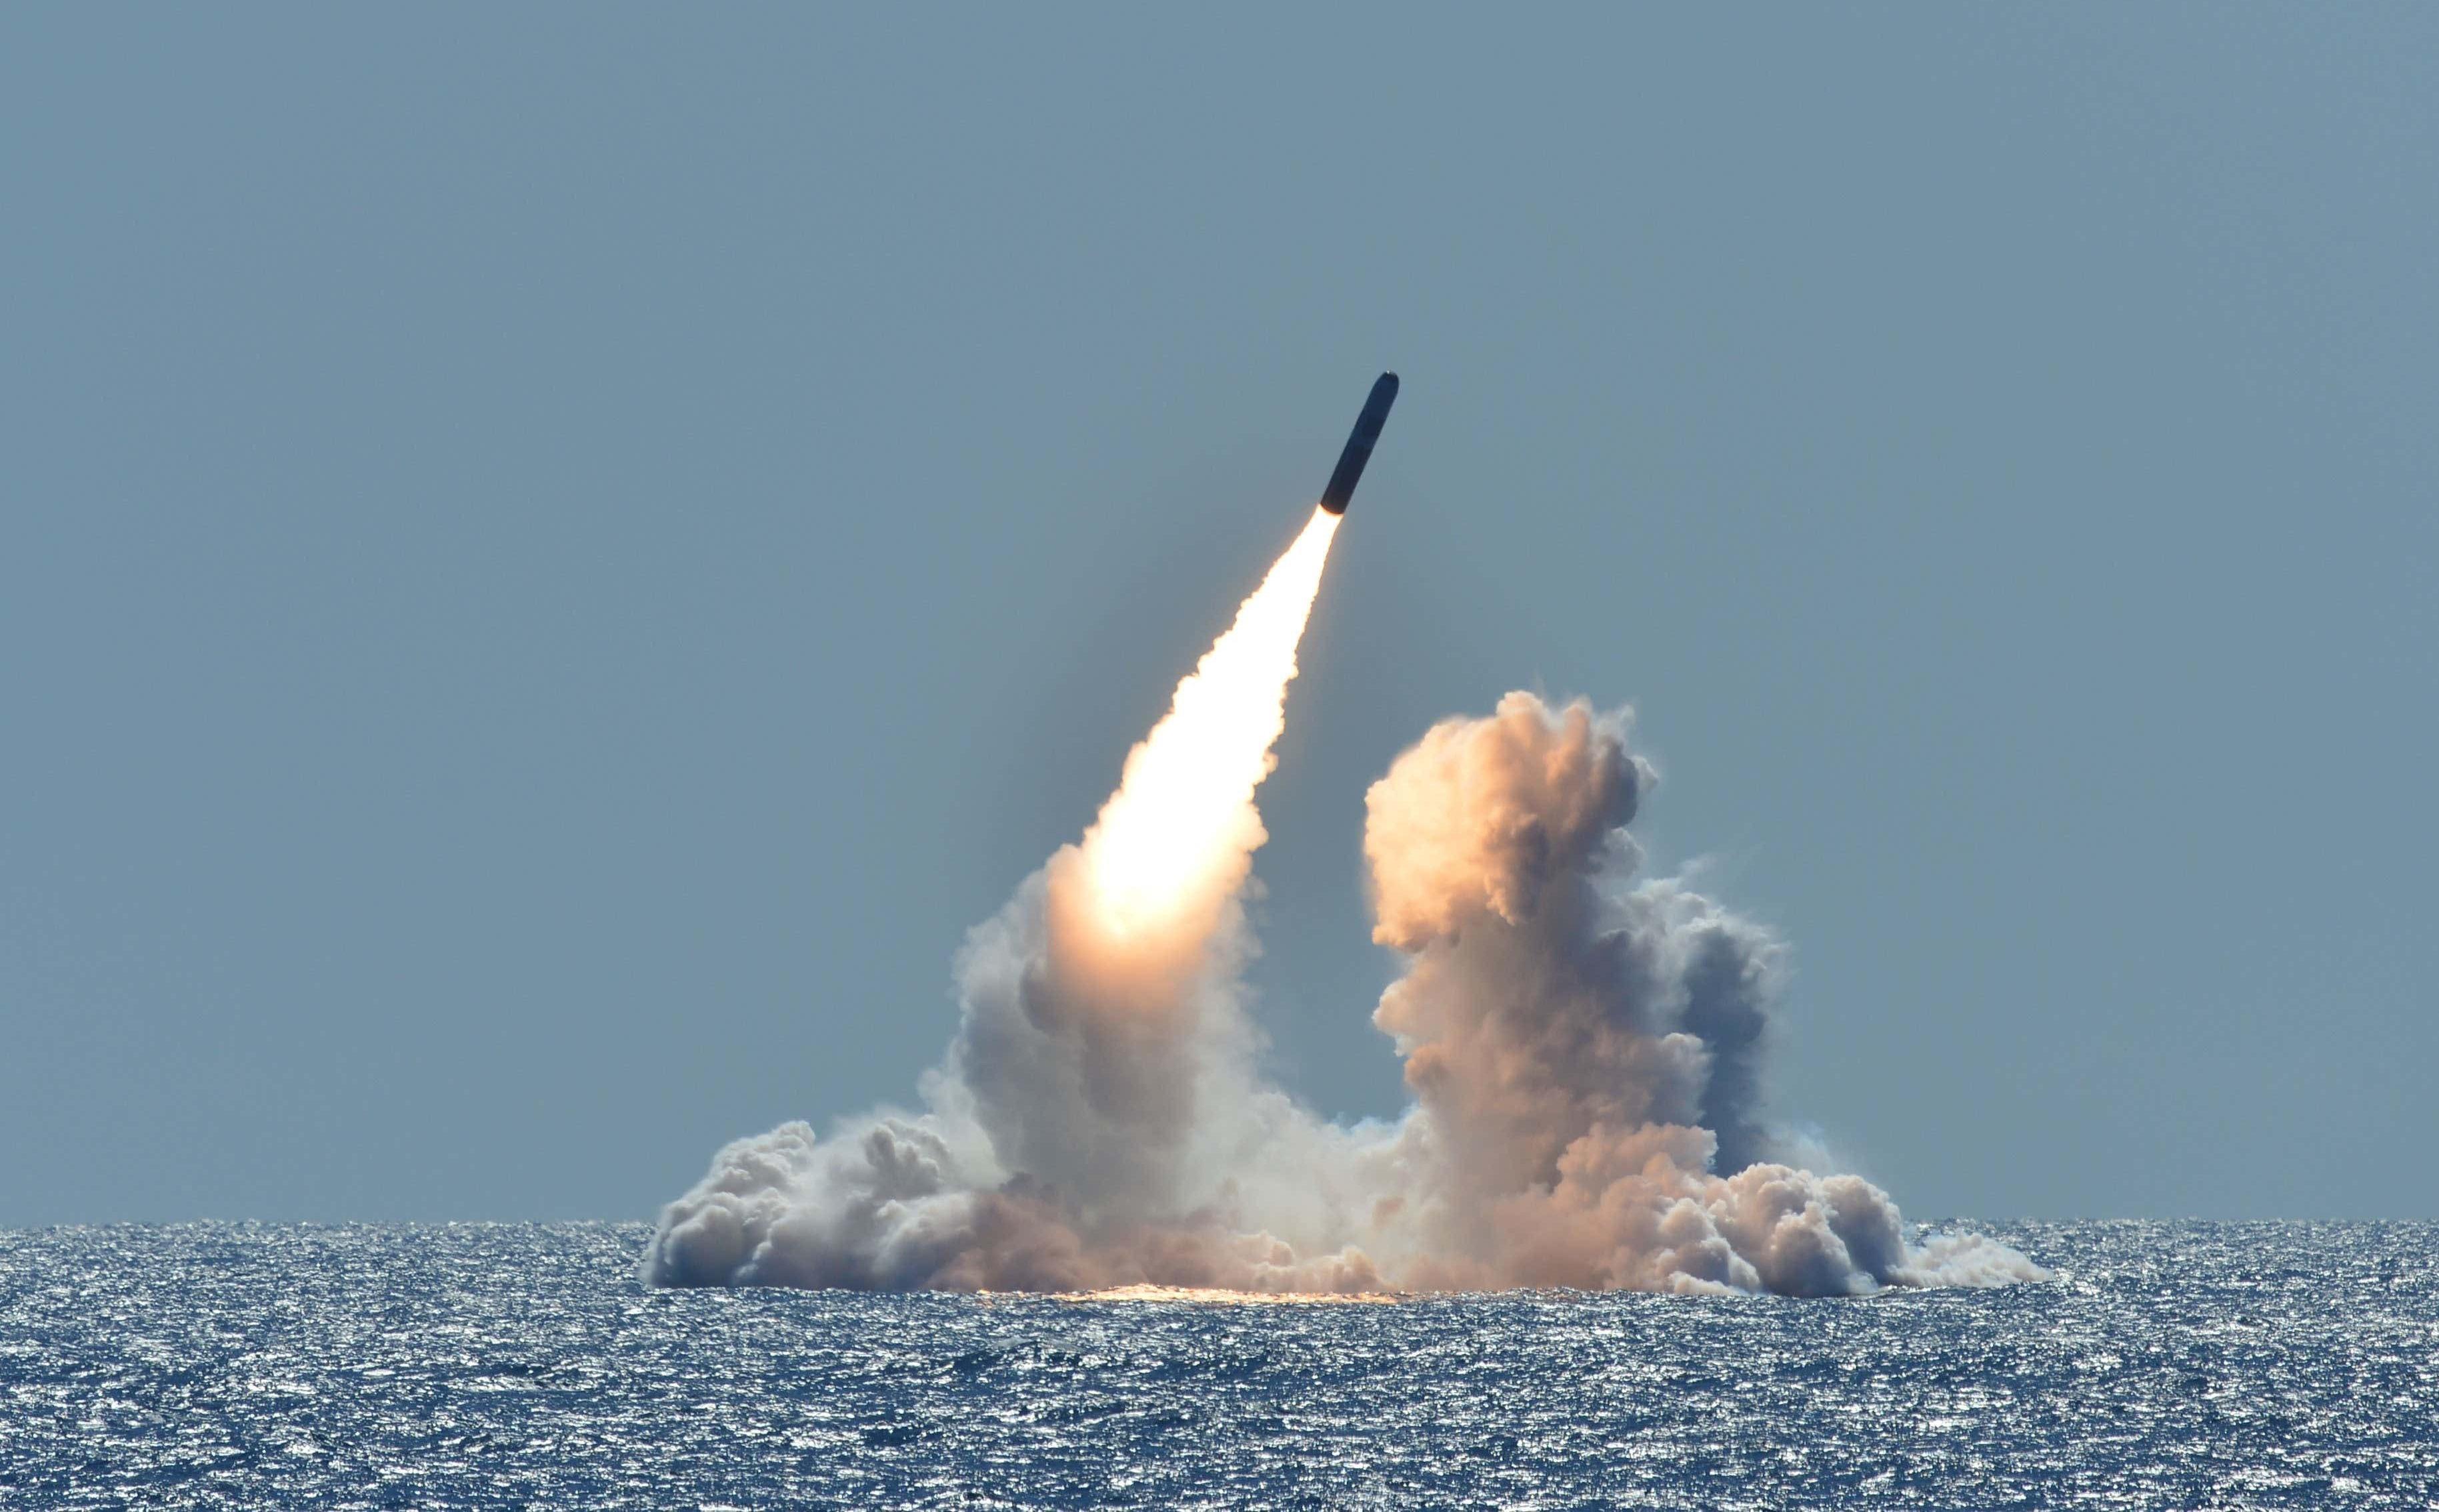 Ông Trump đã lên kế hoạch tấn công Triều Tiên bằng 80 quả bom hạt nhân như thế nào?